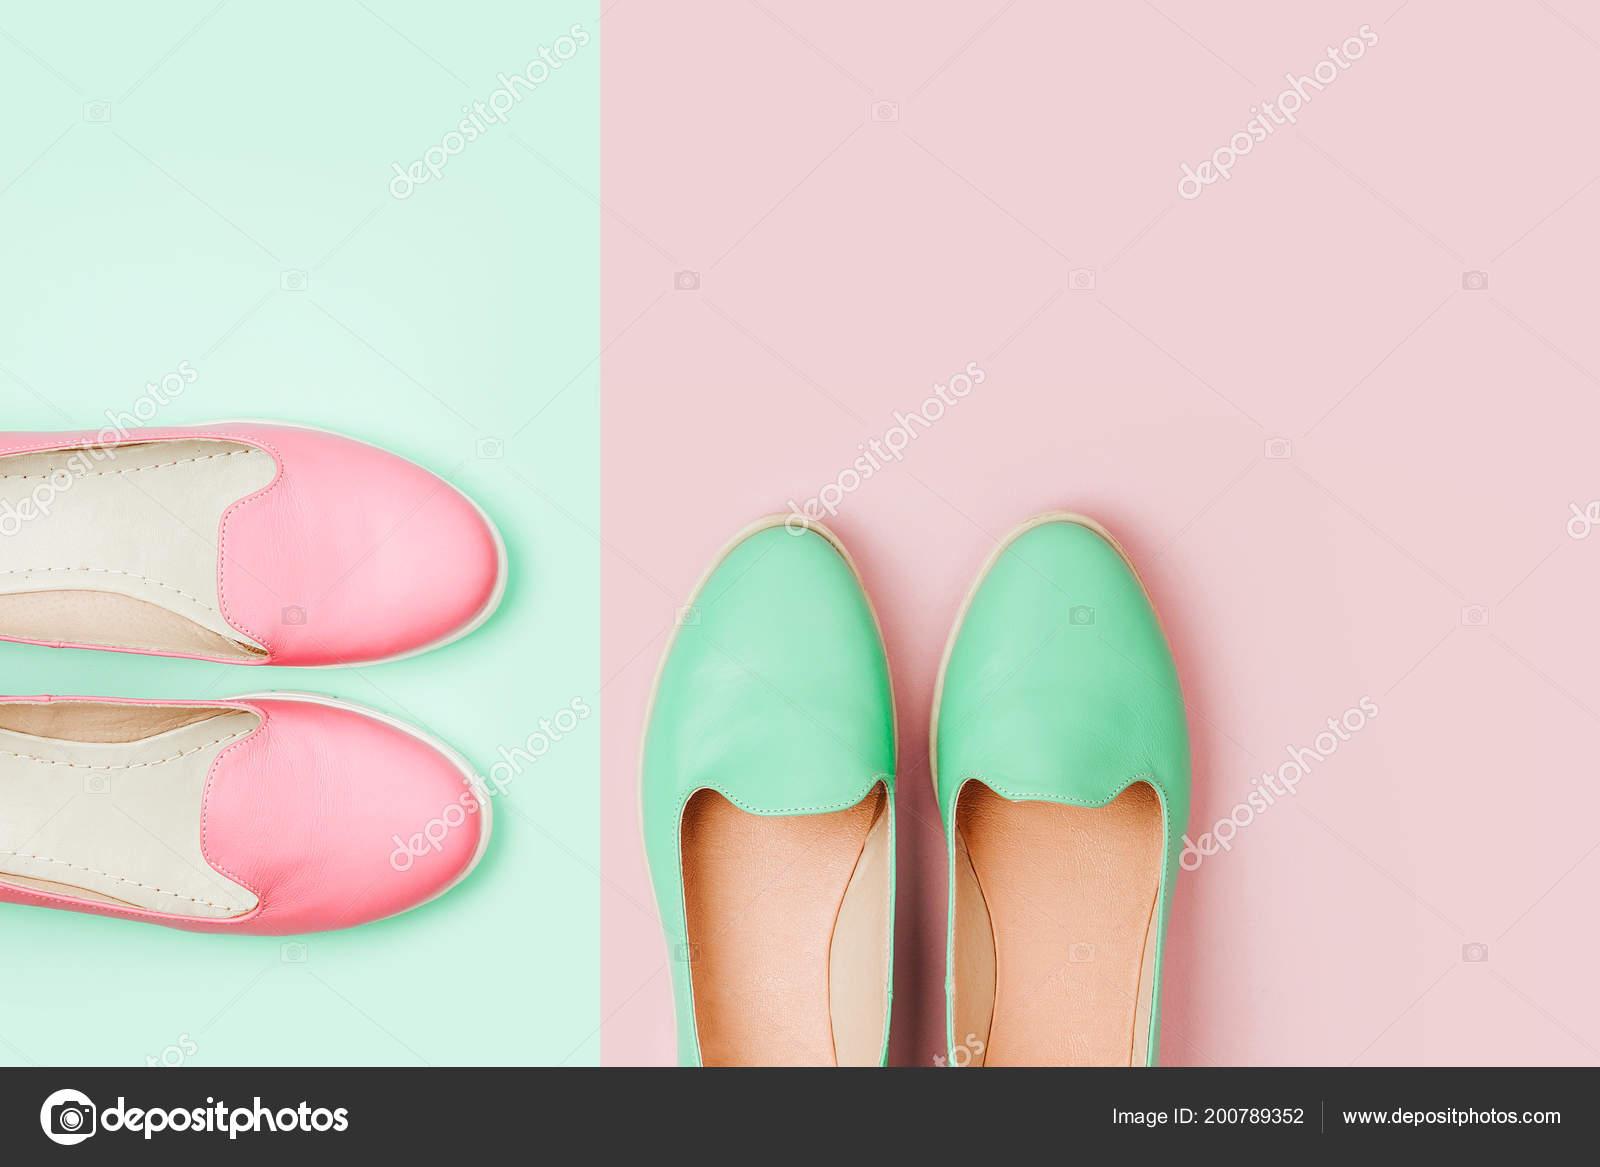 newest adc8c ec77d Elegante Weibliche Schuhe Pastellfarben Beauty Fashion ...